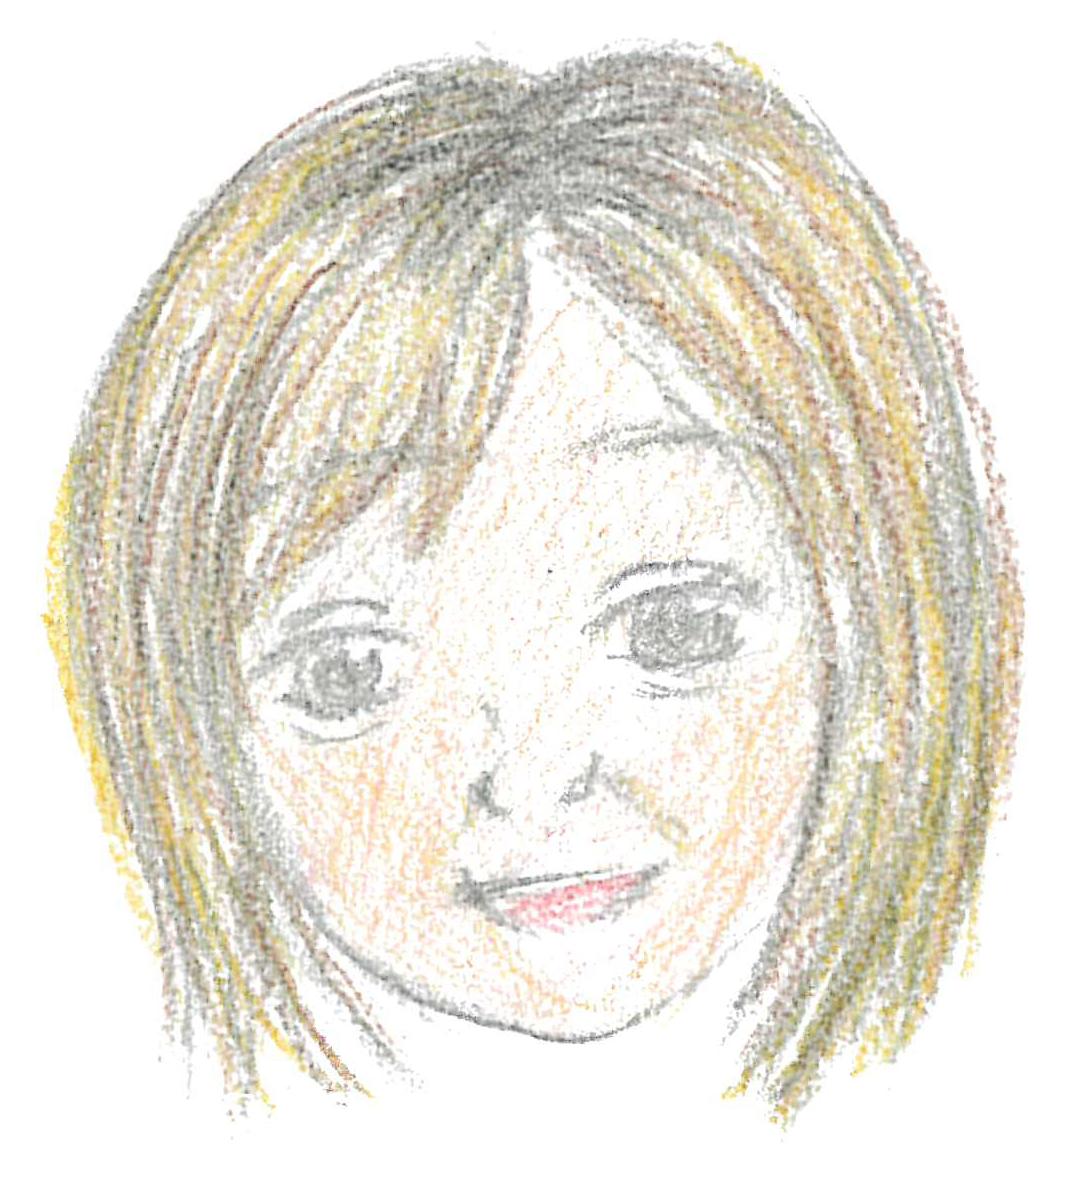 宮川梓緒里(みやかわしおり)